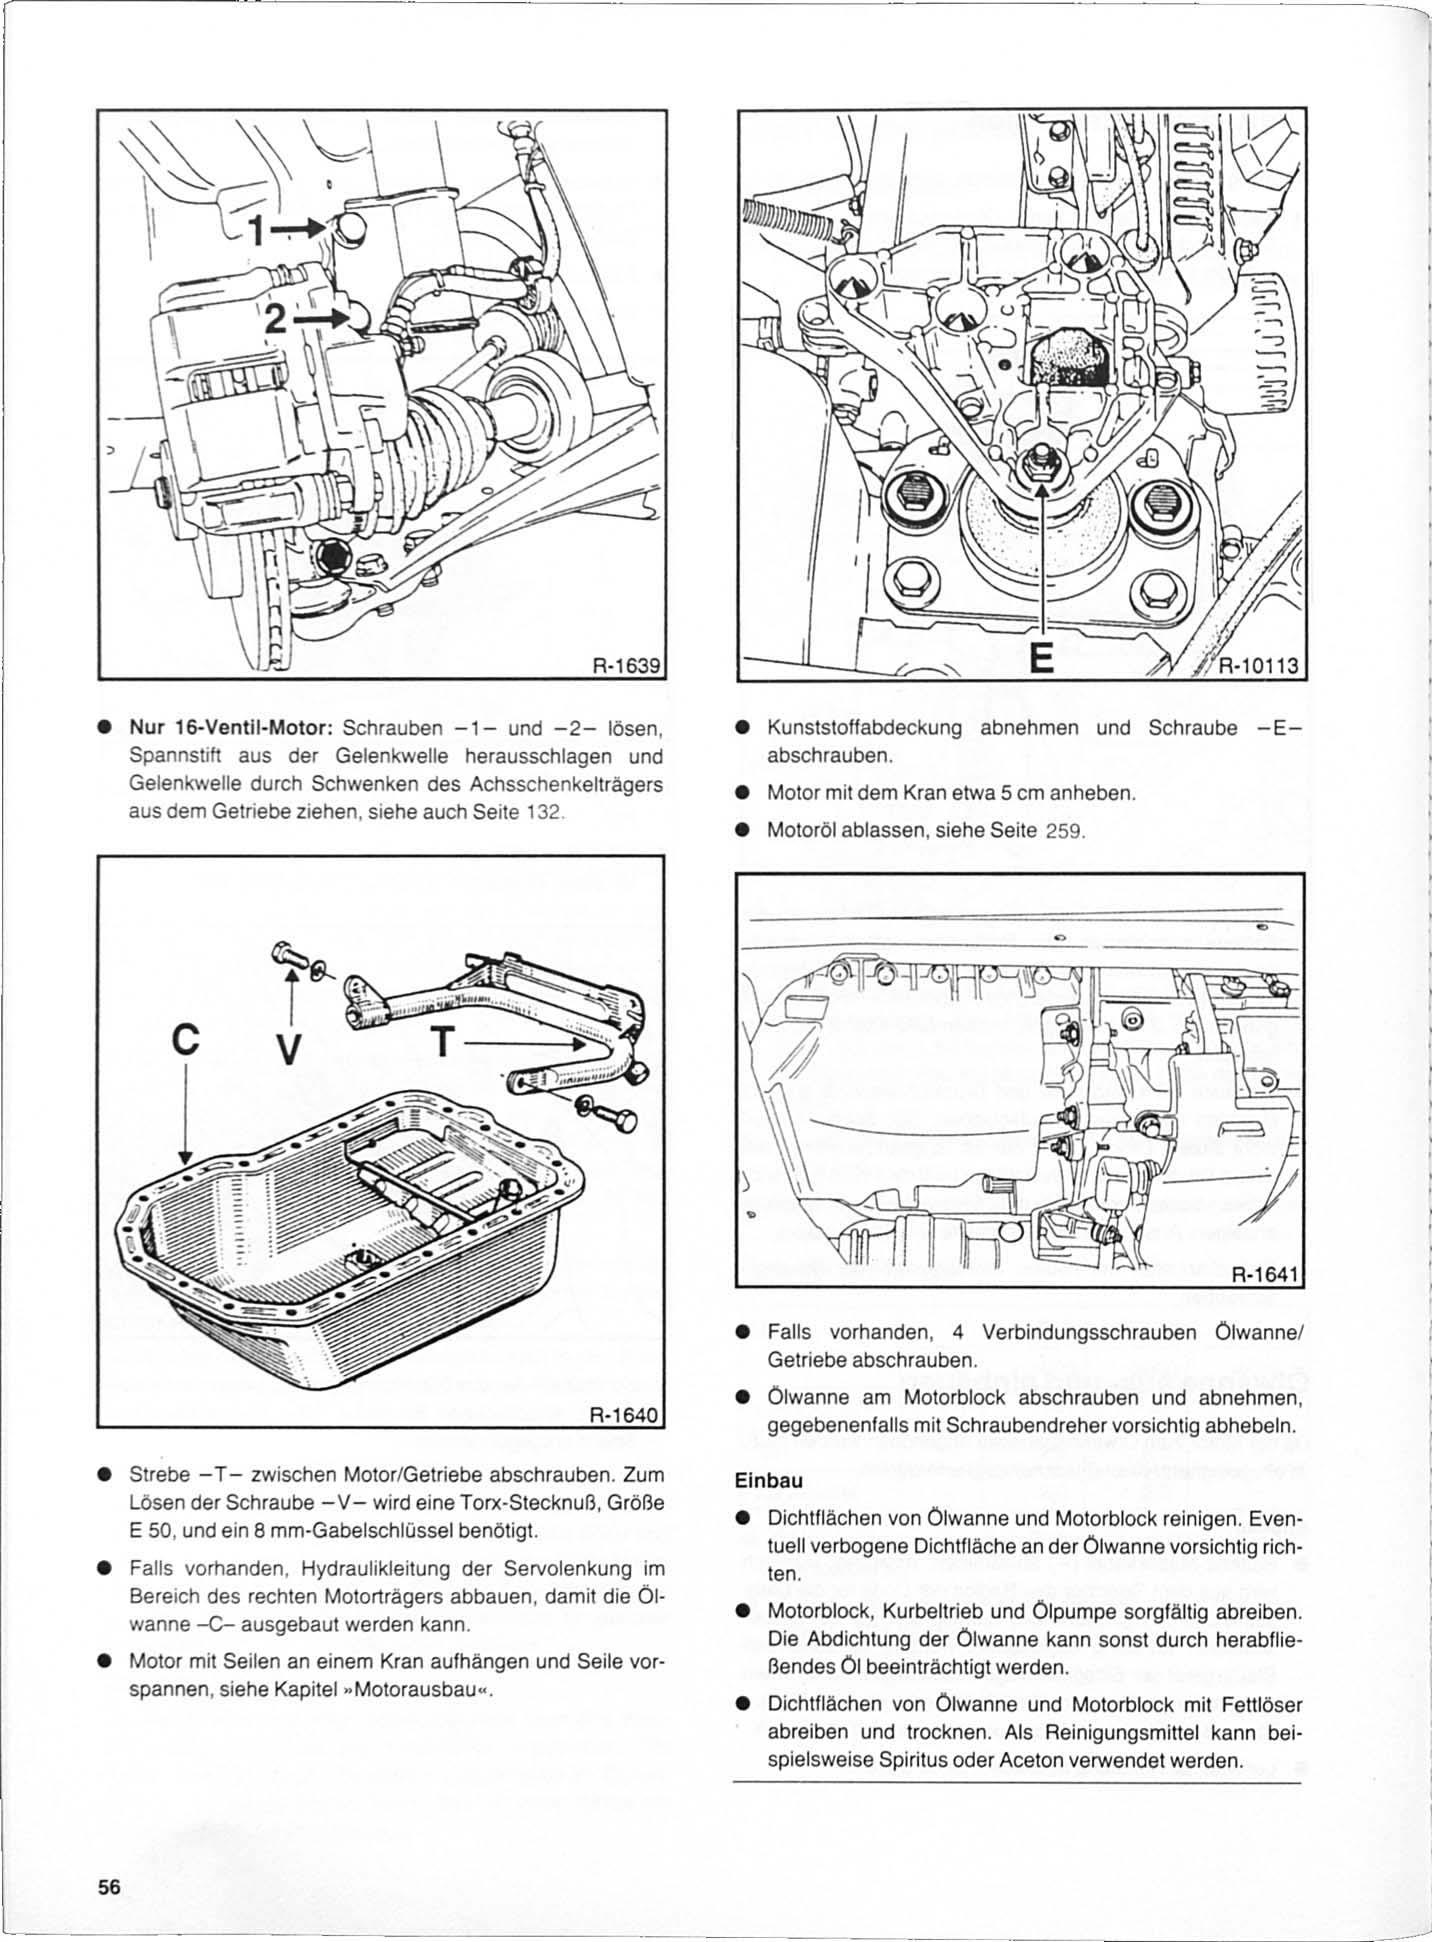 Reparaturanleitung Renault Clio So Wird S Gemacht